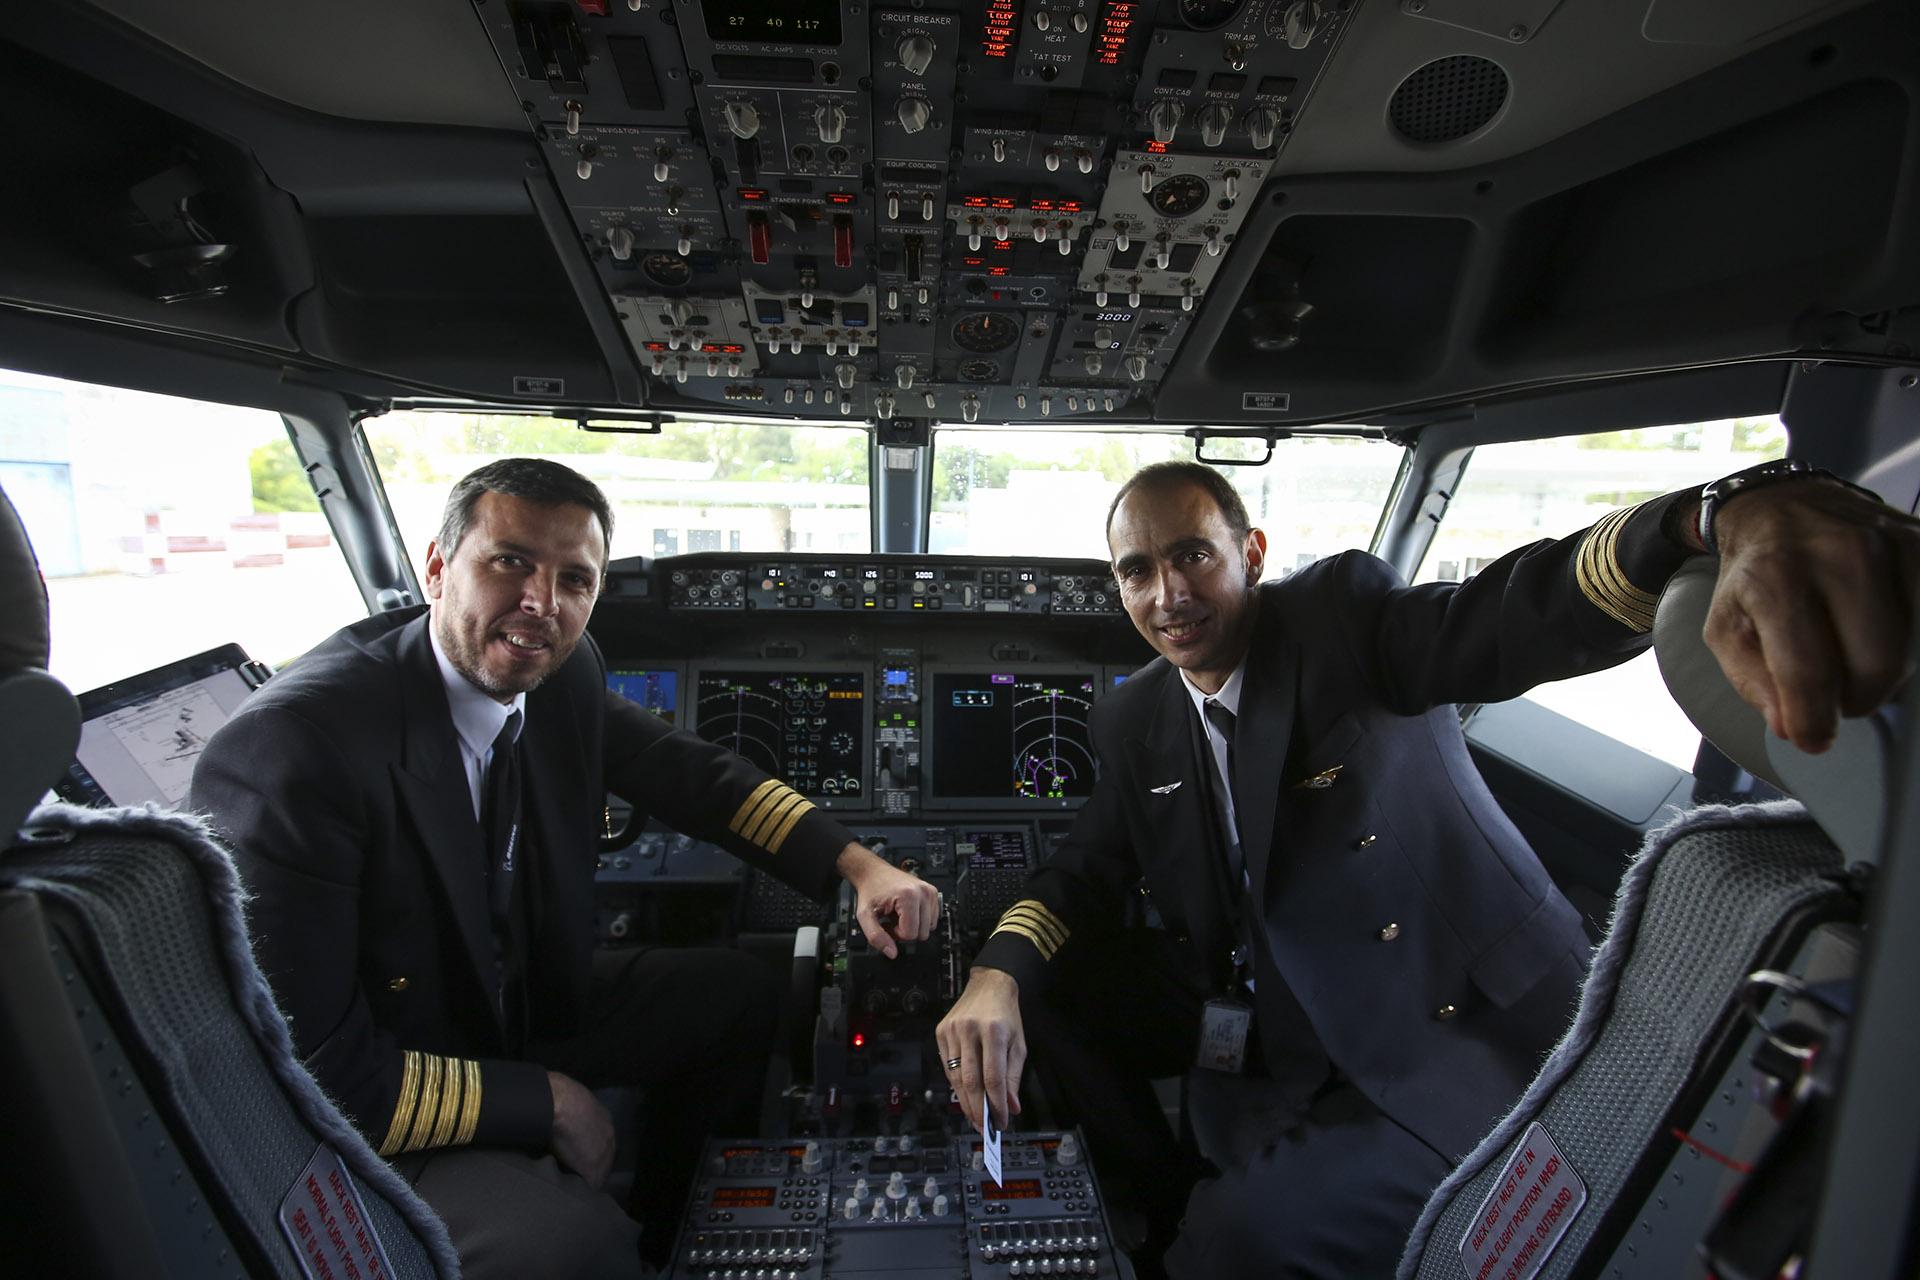 Los pilotos Daniel Hachim y Juan Carlos Bassini con un panel de instrumentos más moderno